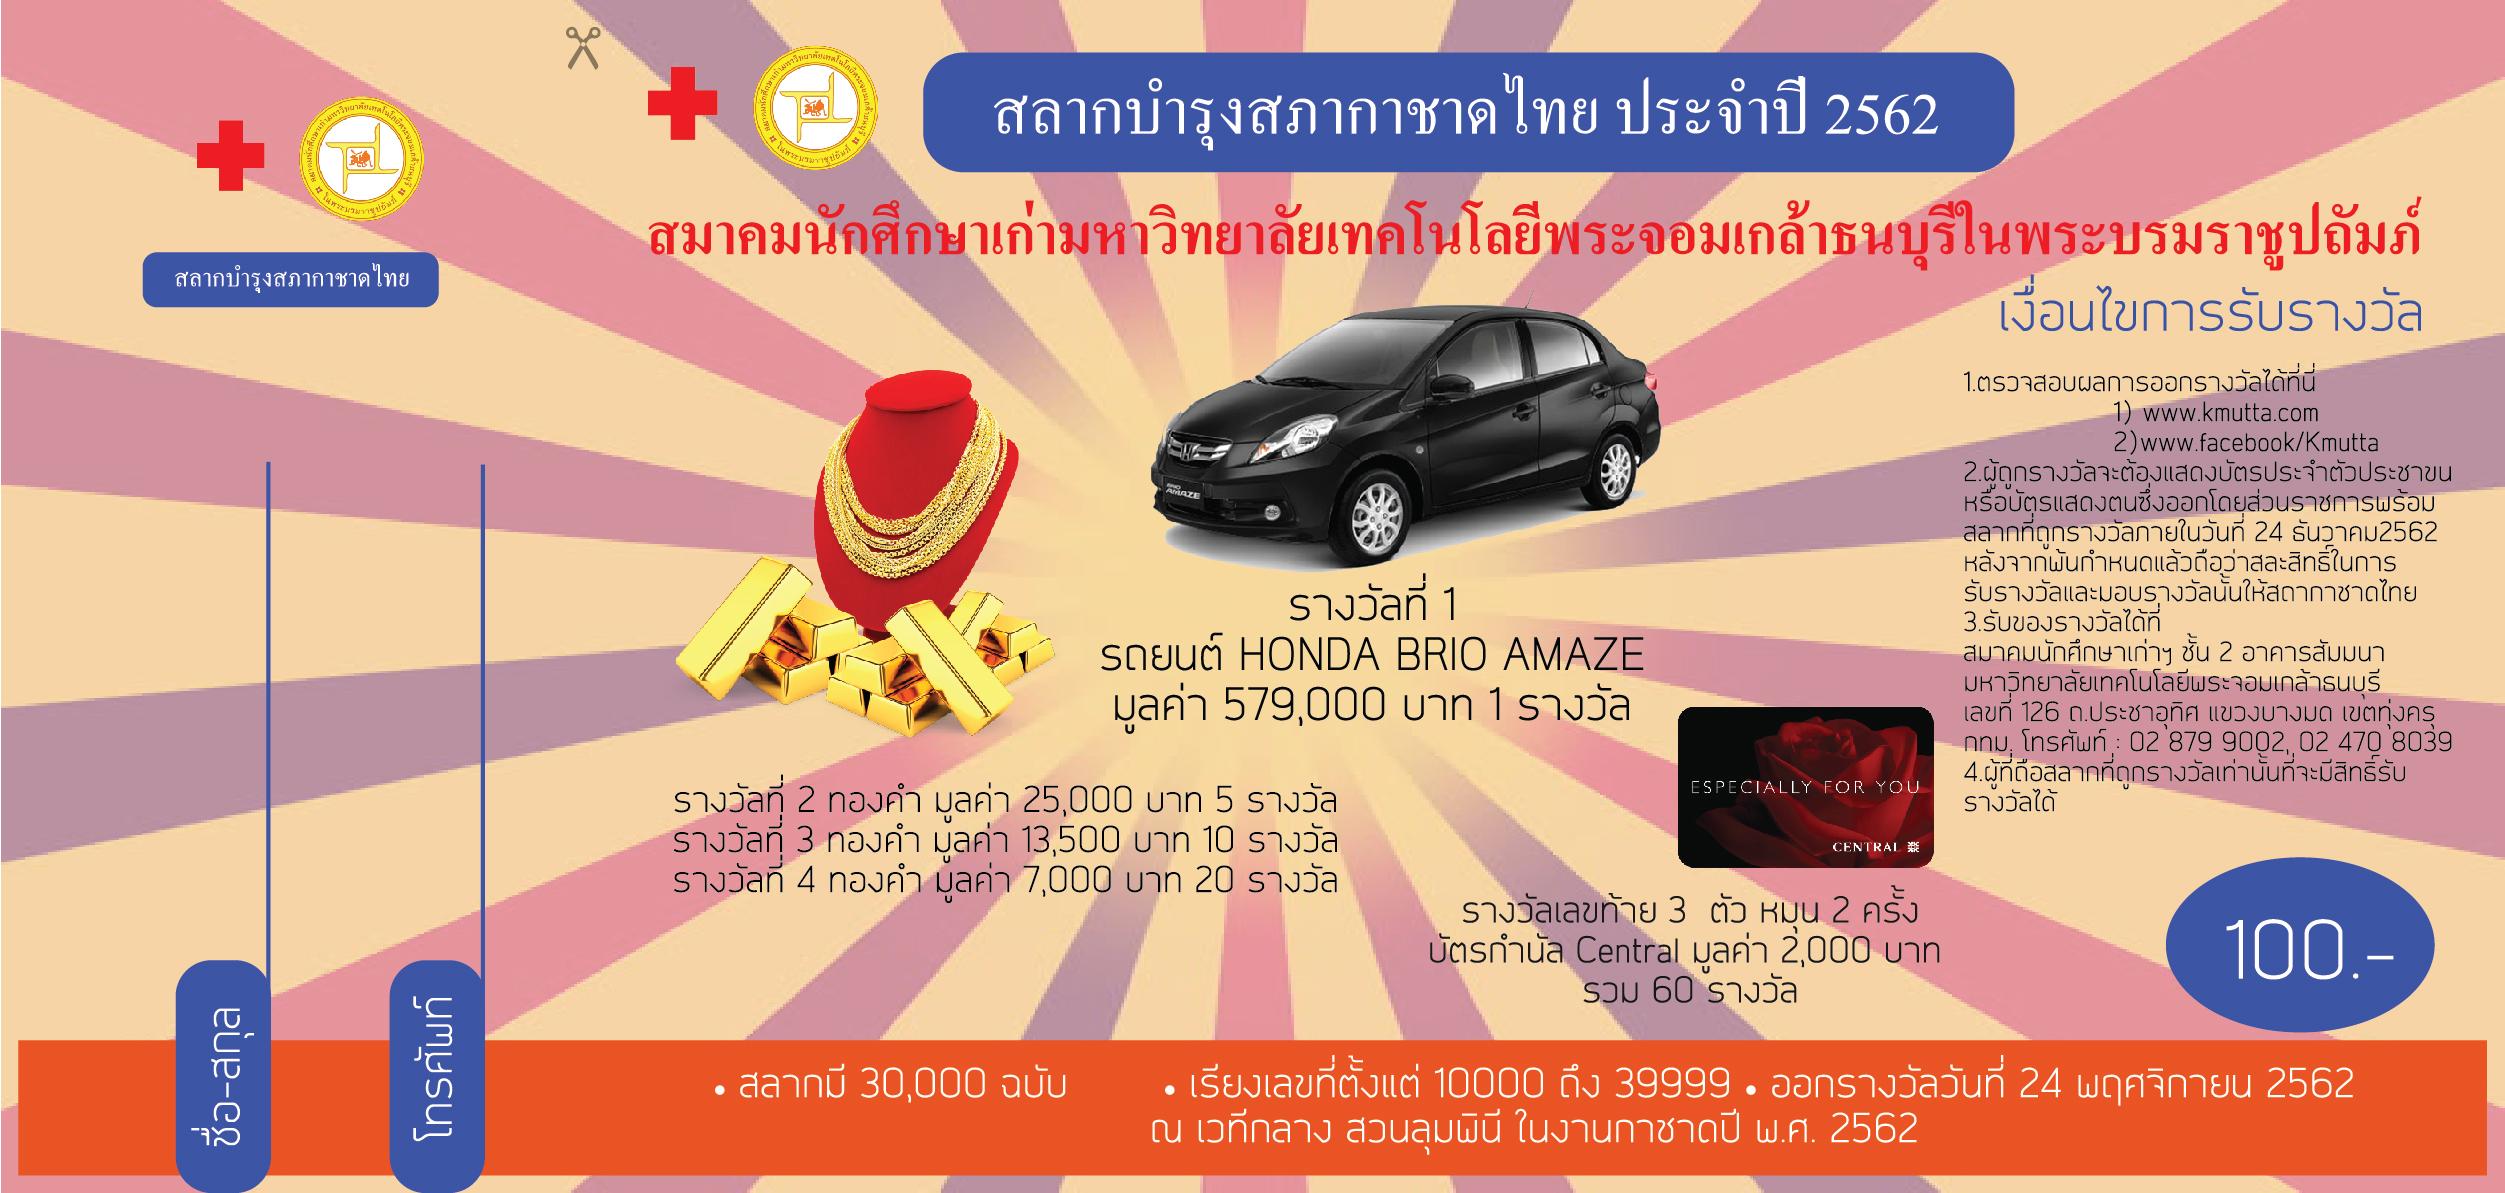 สลากบำรุงสภากาชาดไทย ปี 2562